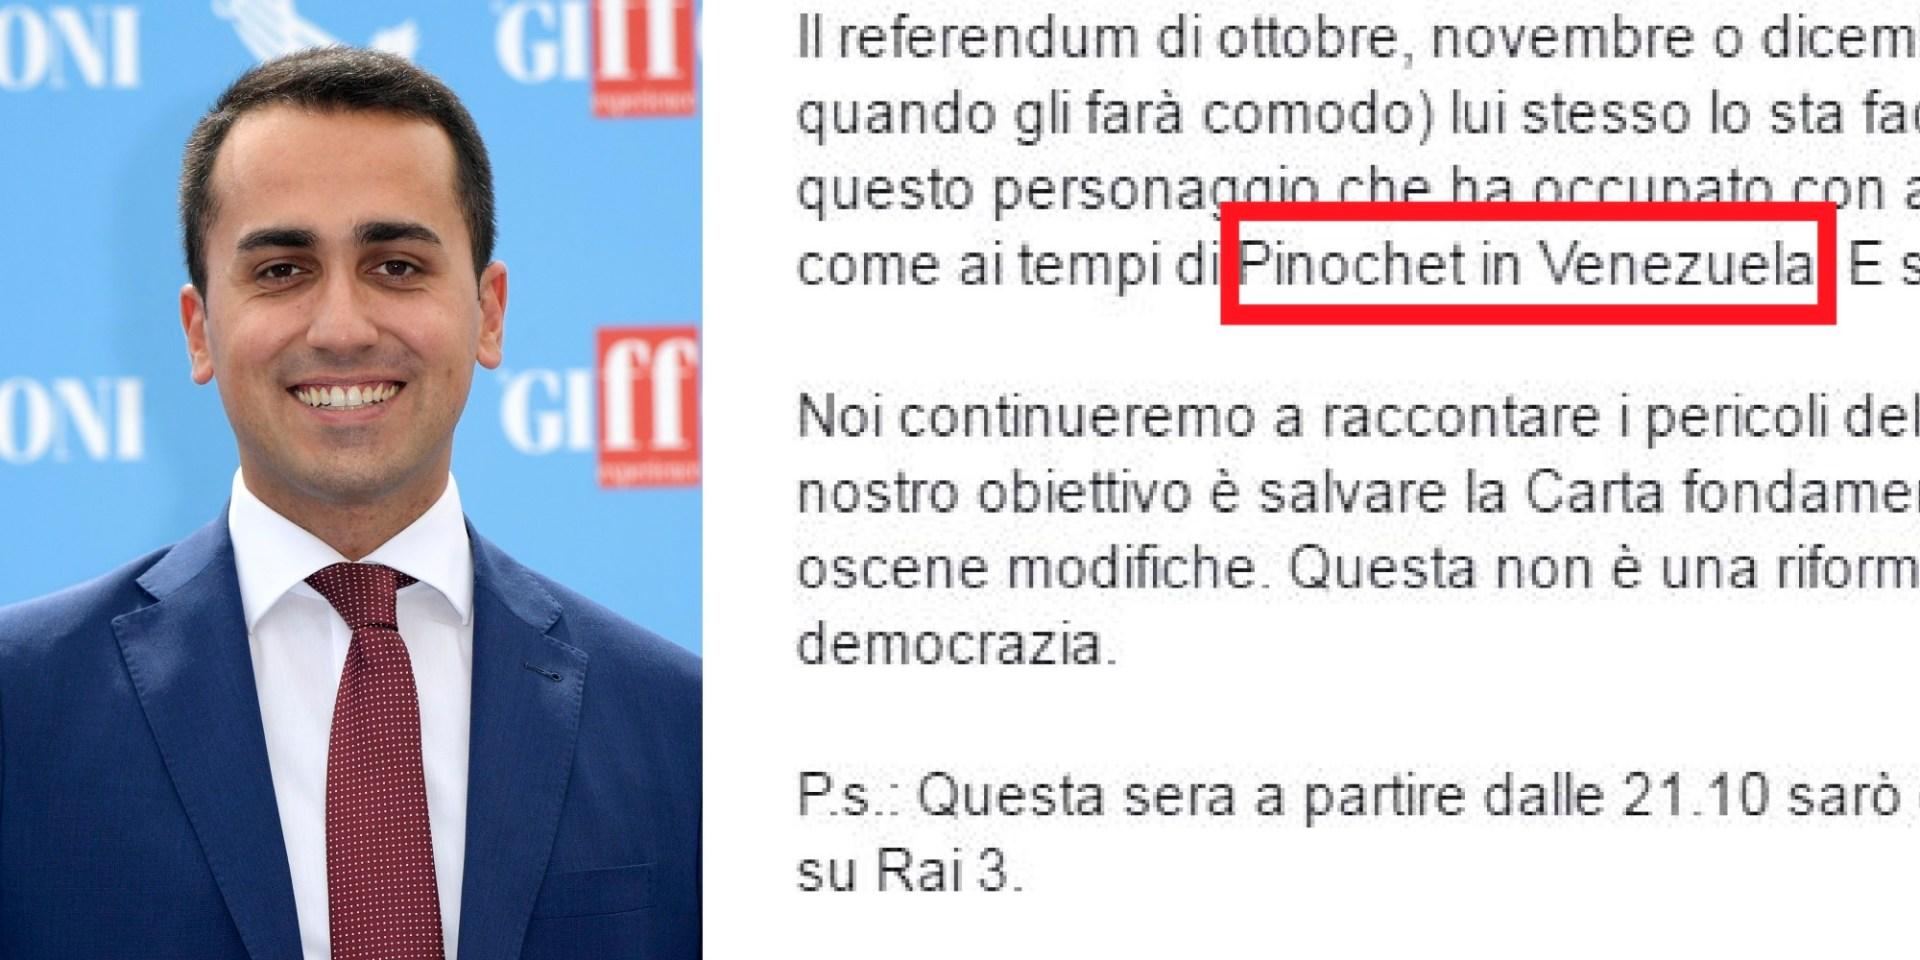 Giffoni FilmFestival 46 Edizione, il vice presidente della Camera Di Maio